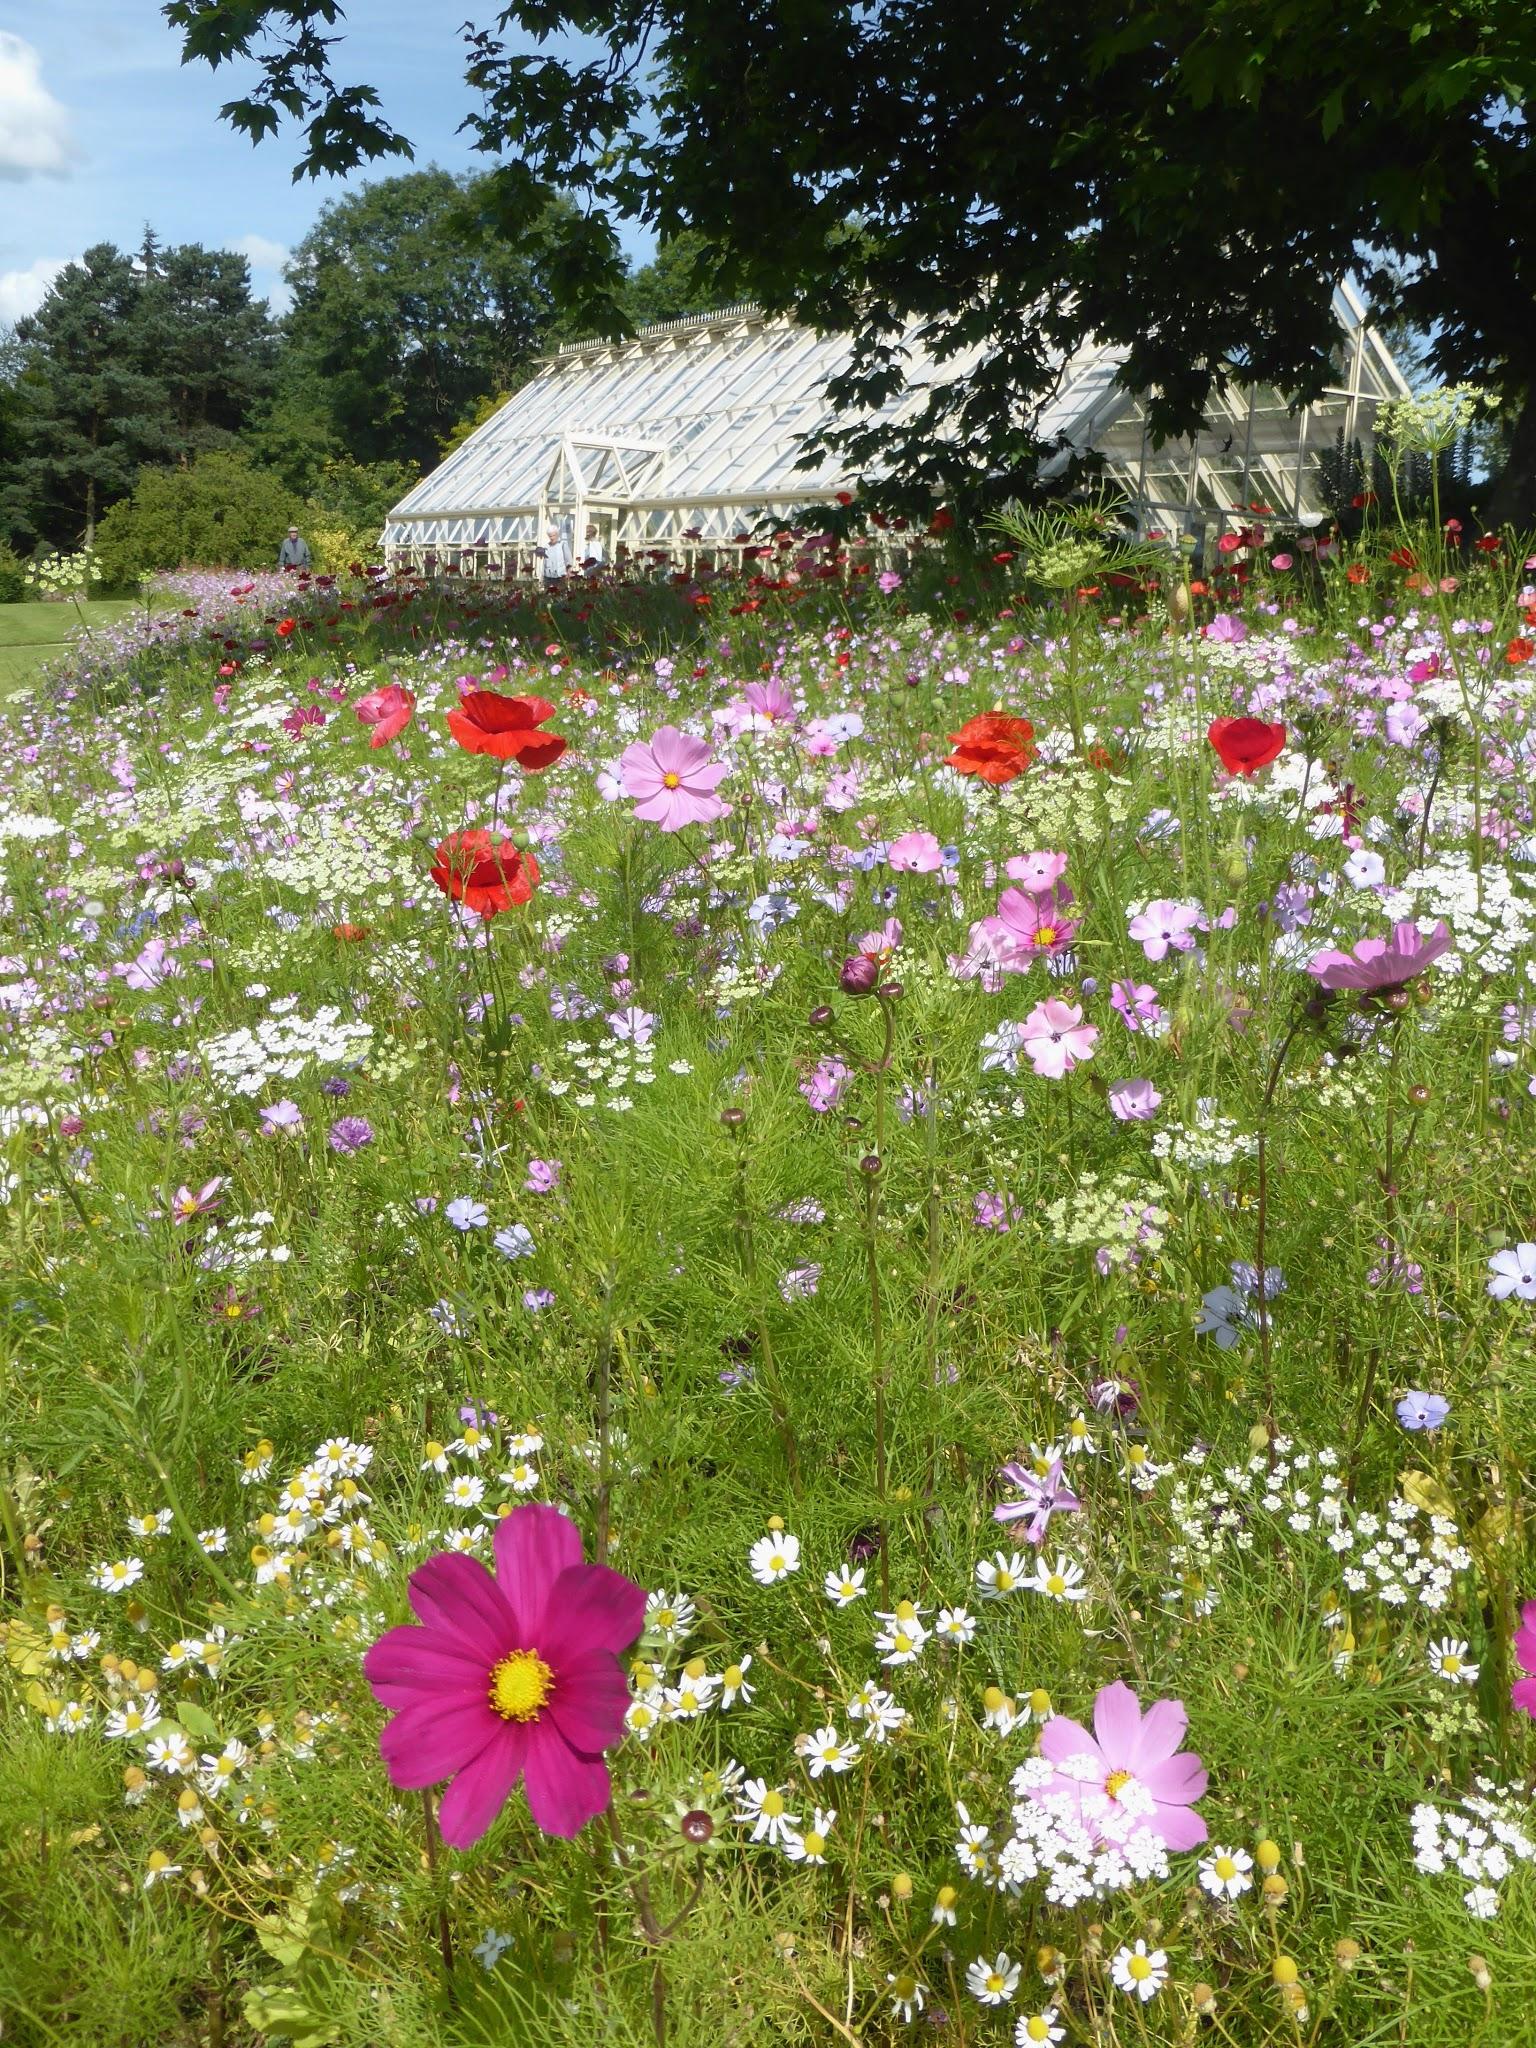 Wildflowers at RHS Harlow Carr, Harrogate